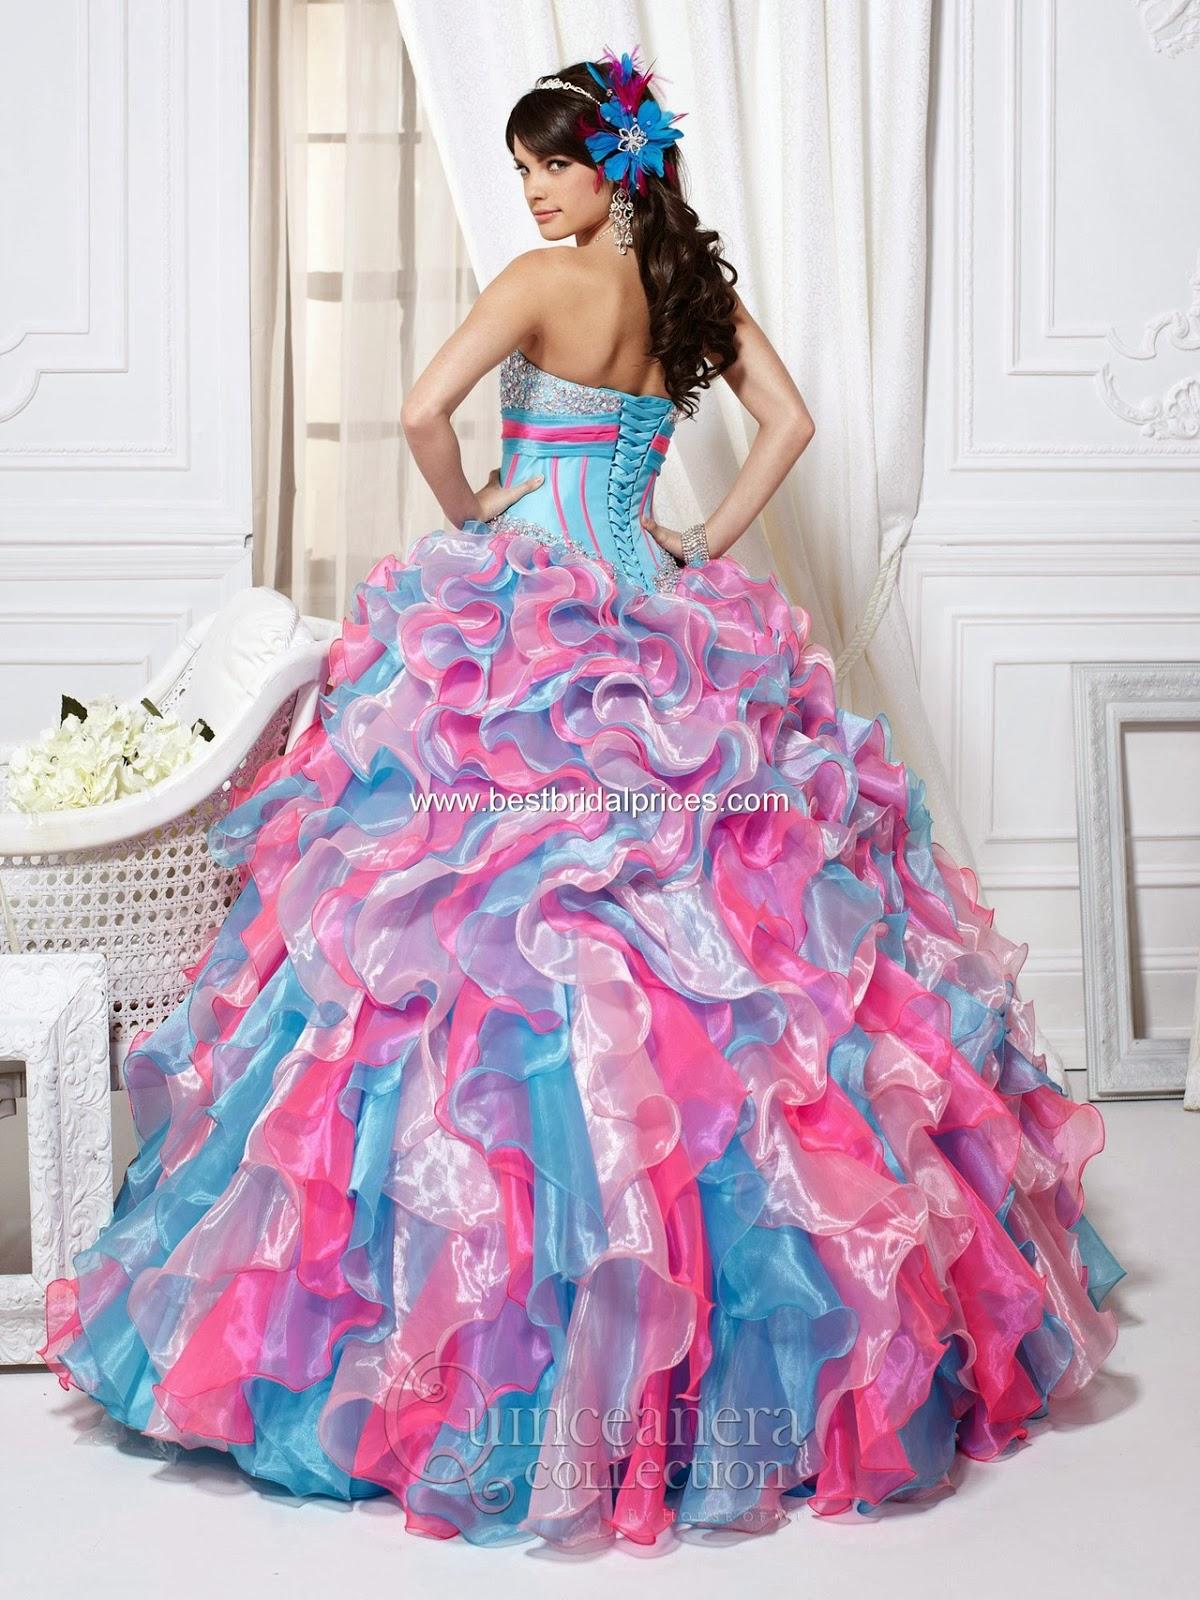 Maravillosos Vestidos de Fiesta Largos | Moda 2014 | Vestidos | Moda ...